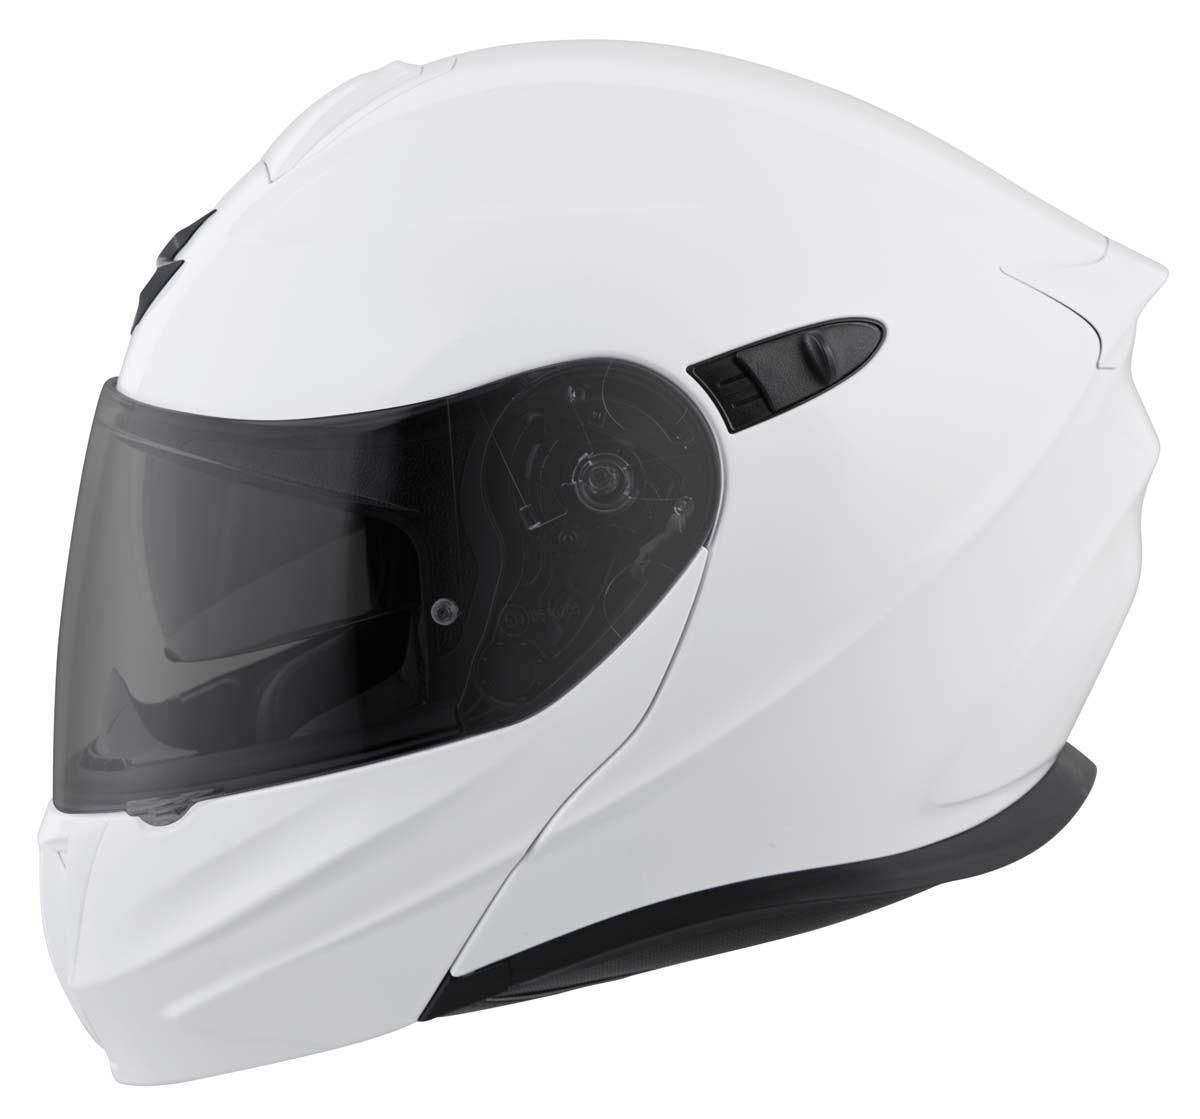 Scorpion-EXO-GT920-Helmet-Sport-Touring-Modular-Flip-Up-DOT-Approved-XS-3XL miniature 12